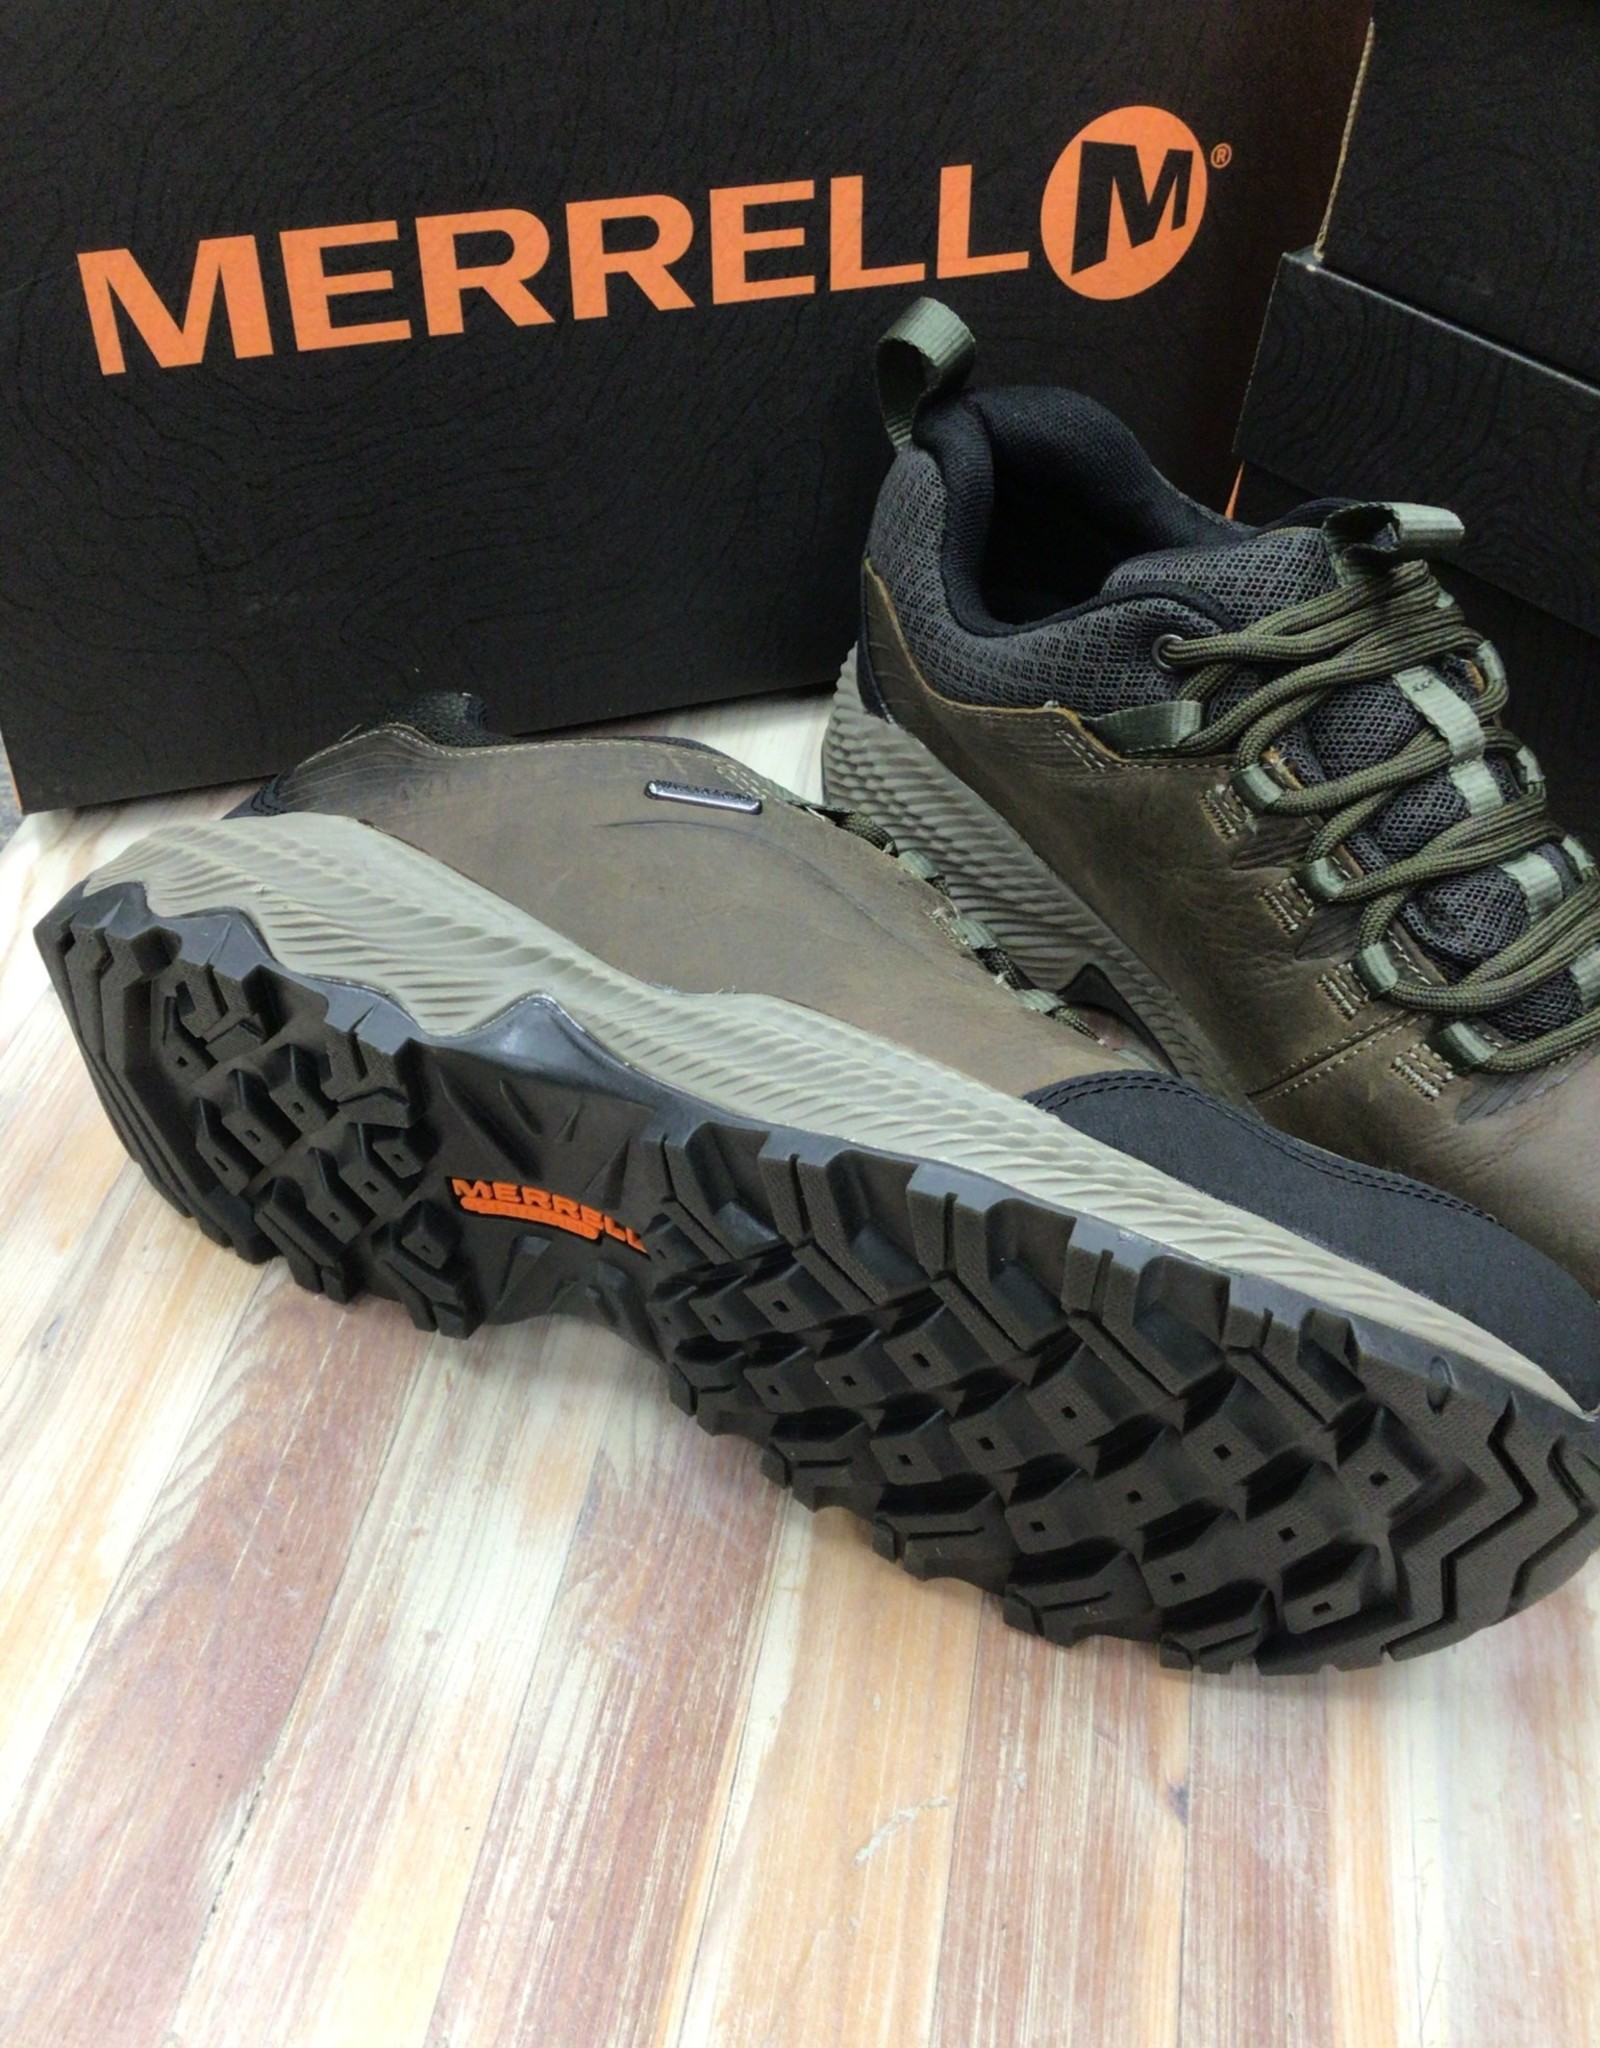 Merrell Merrell Forestbound WP Men's